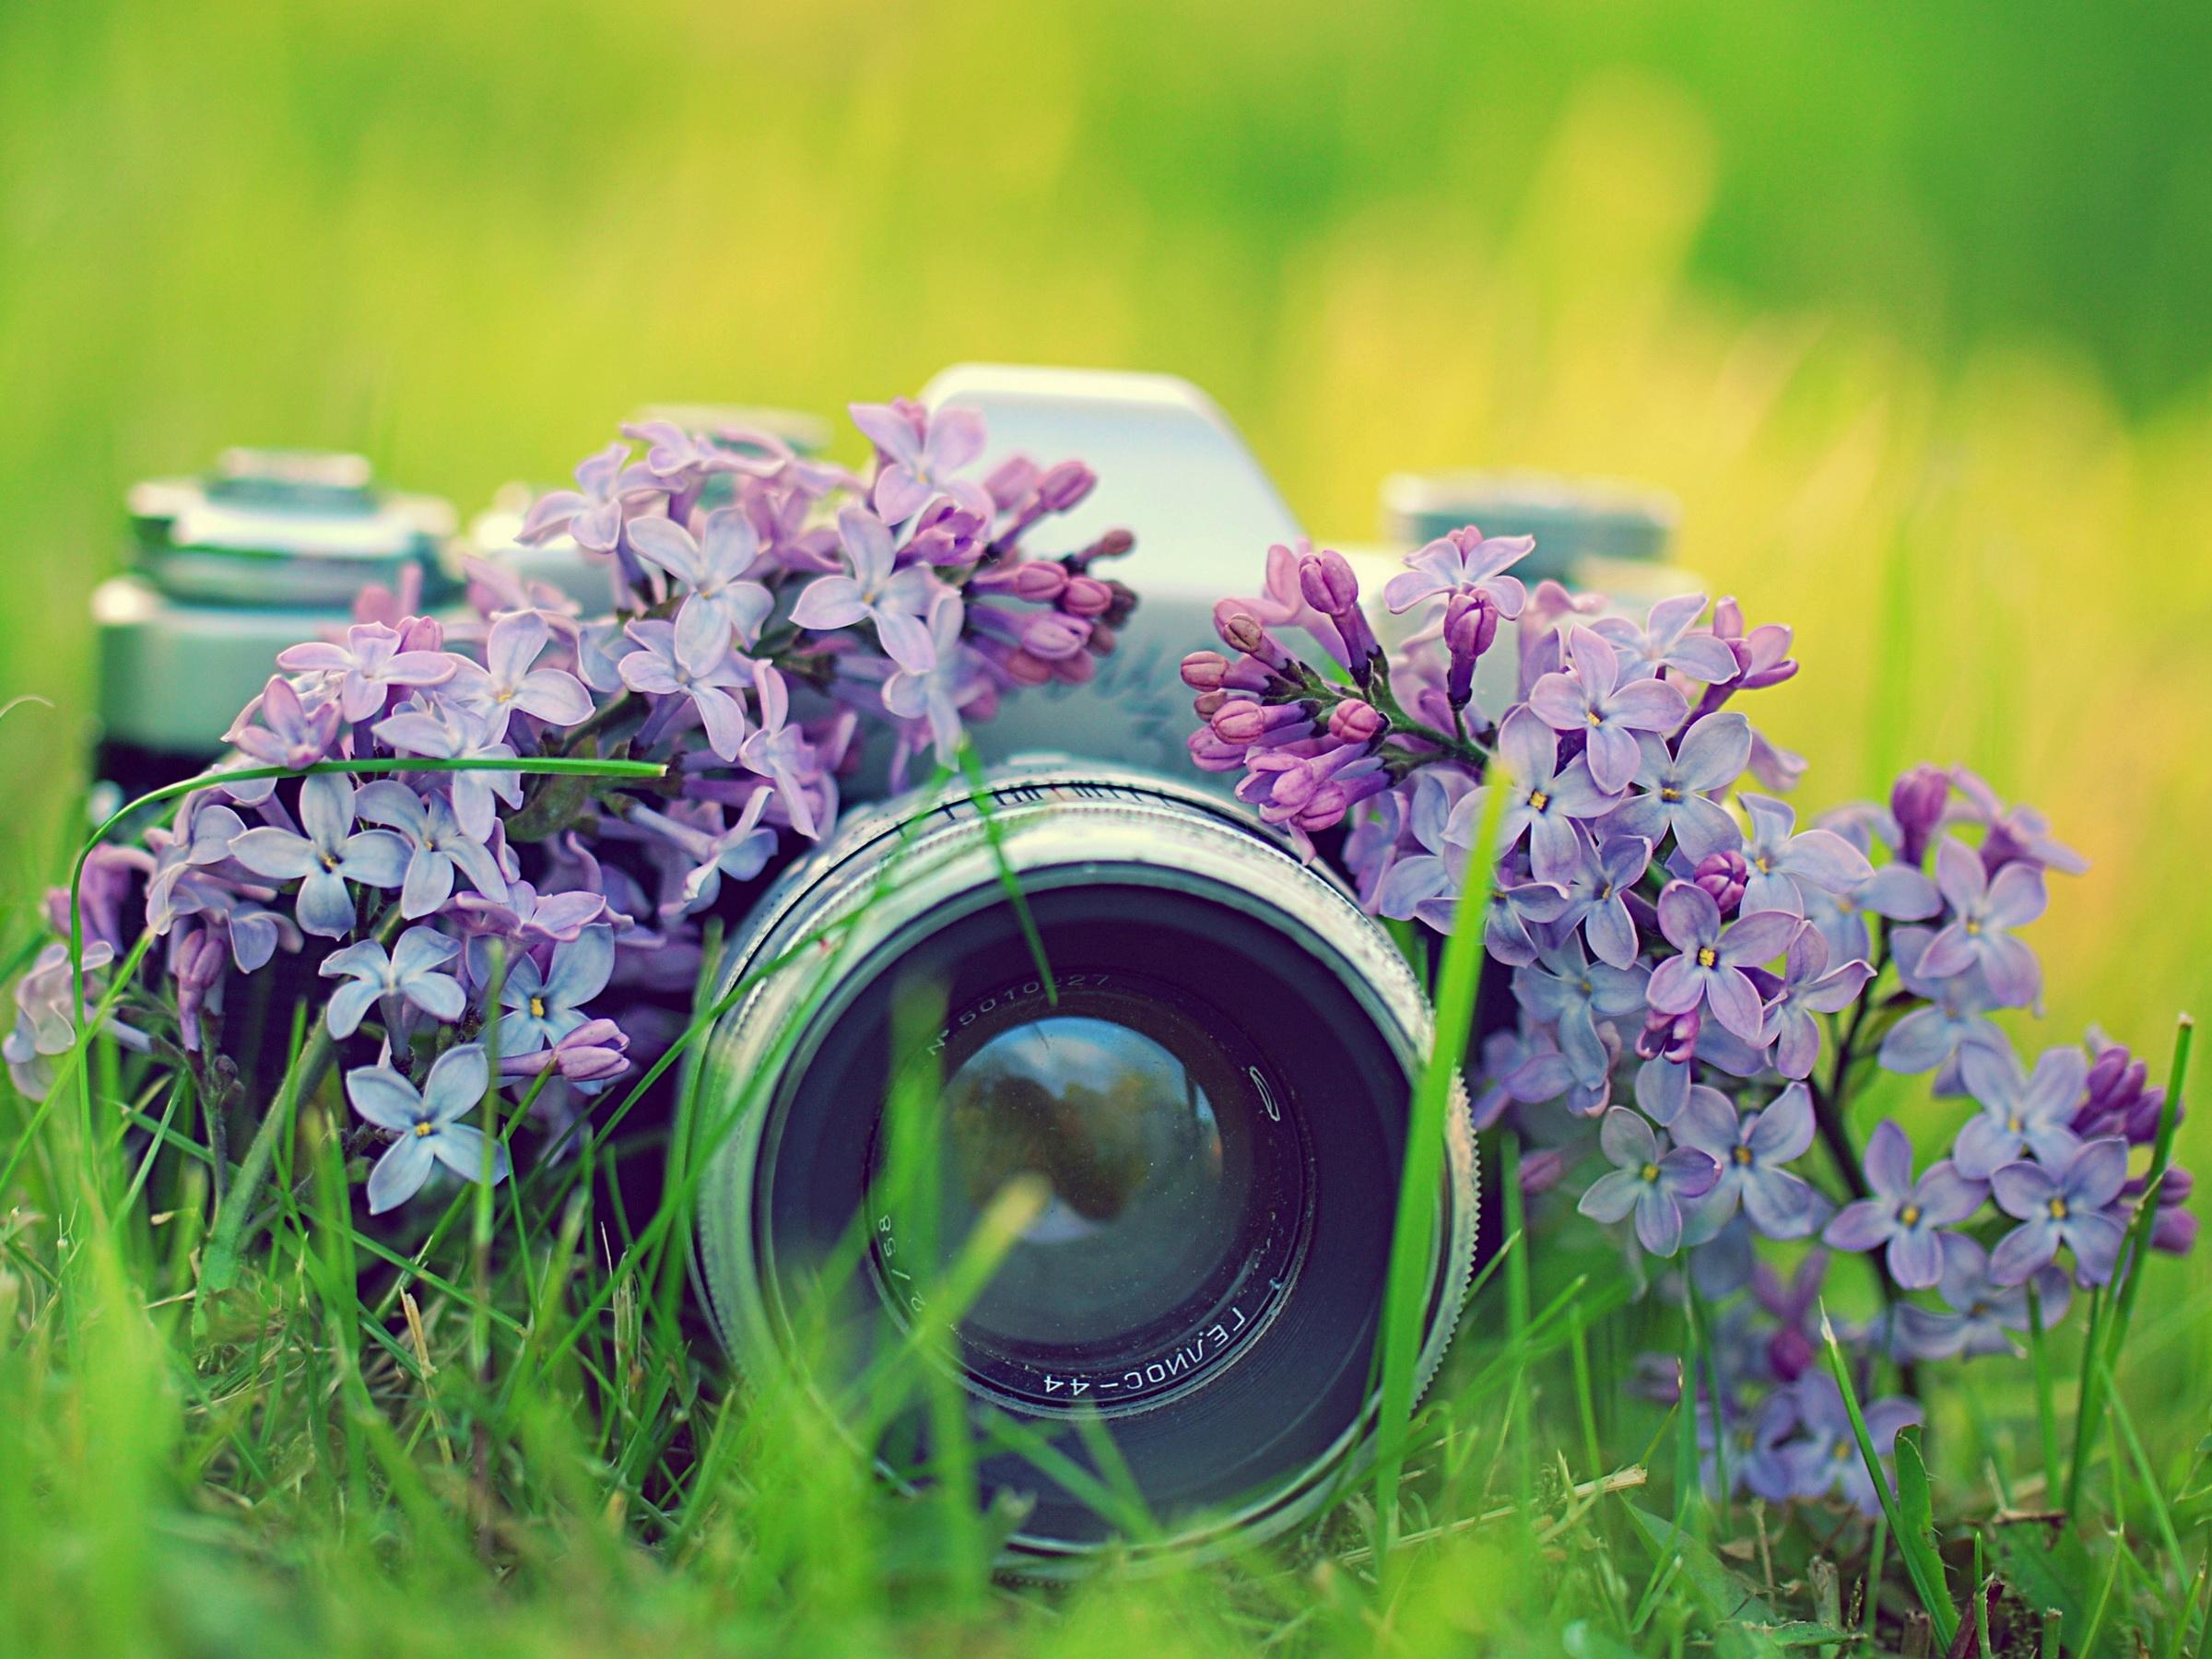 Hoa tử đinh hương và máy ảnh